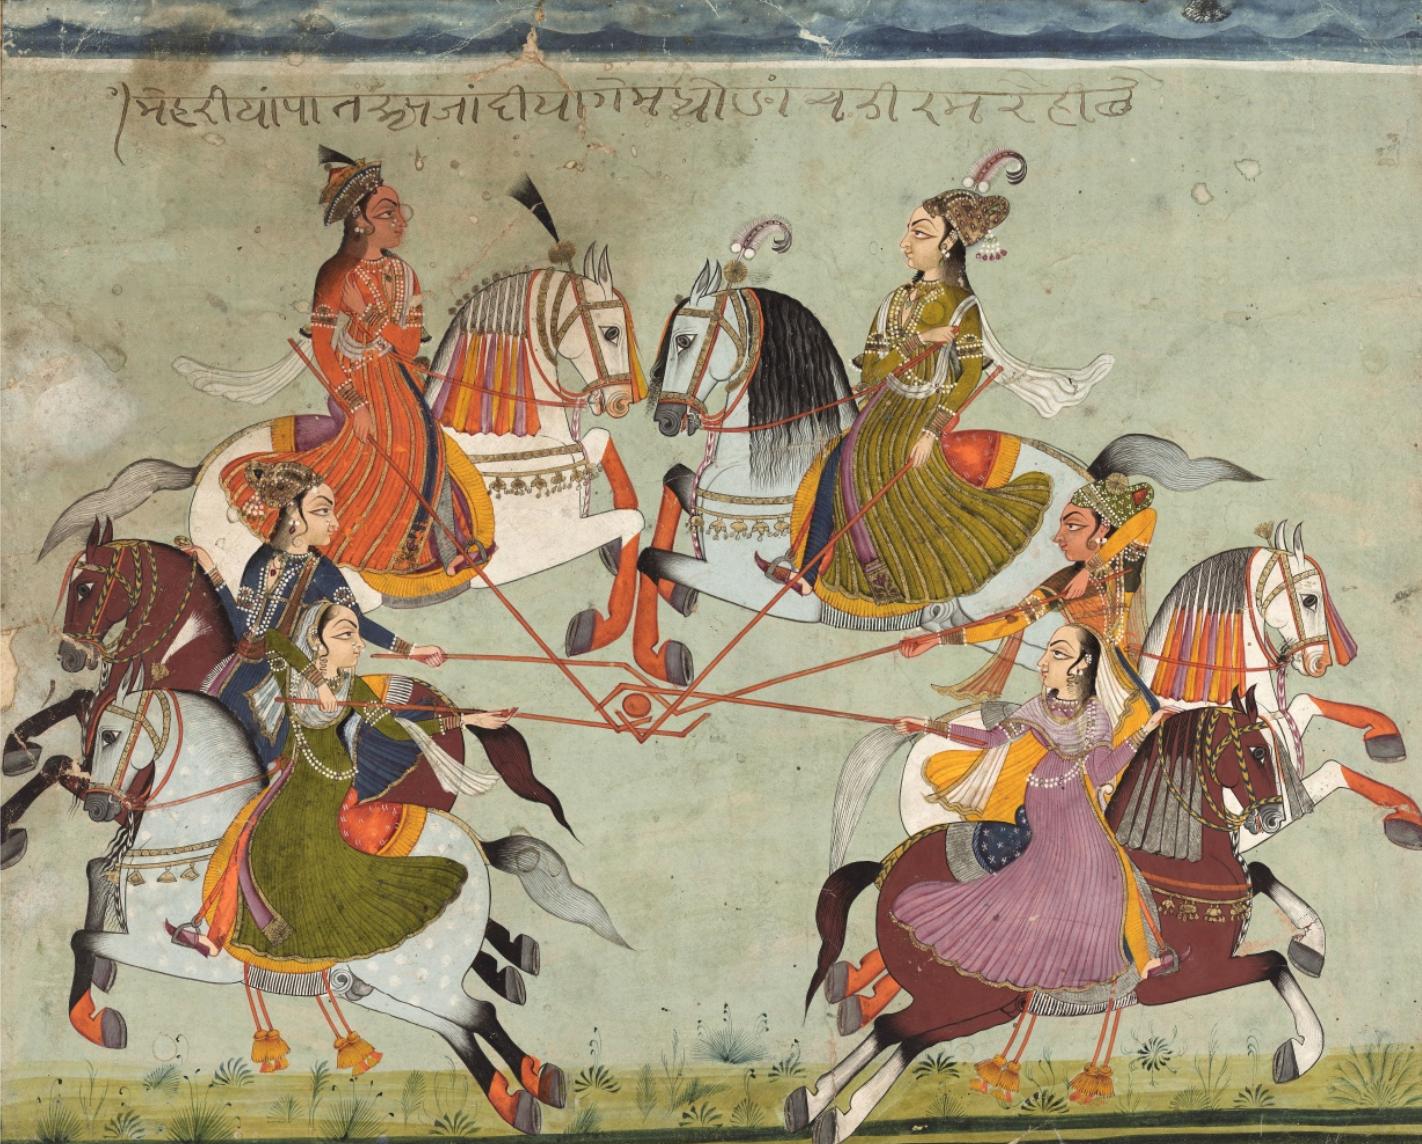 Princess Playing Polo, 18th century, Dana, Jodhpur, Mughal Empire